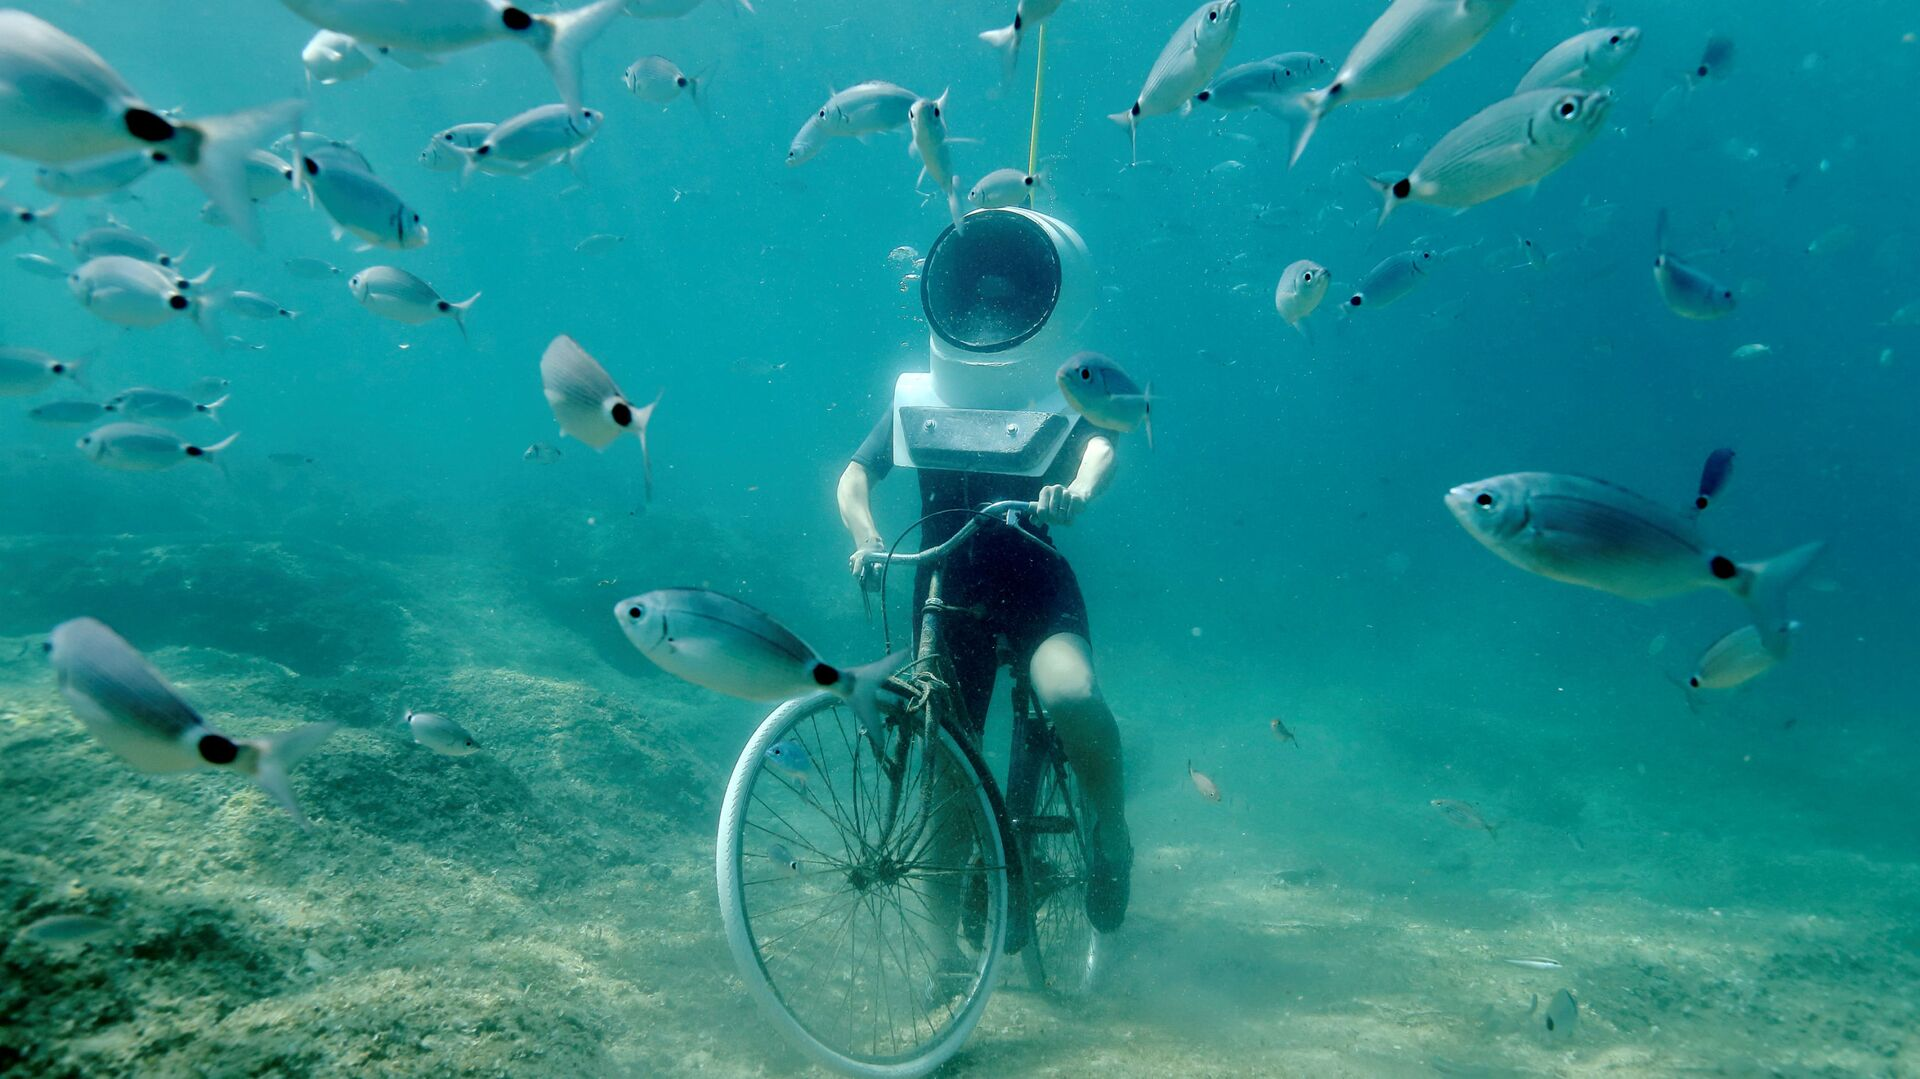 Žena na kole v Podvodním parku v Pule, Chorvatsko - Sputnik Česká republika, 1920, 08.08.2021